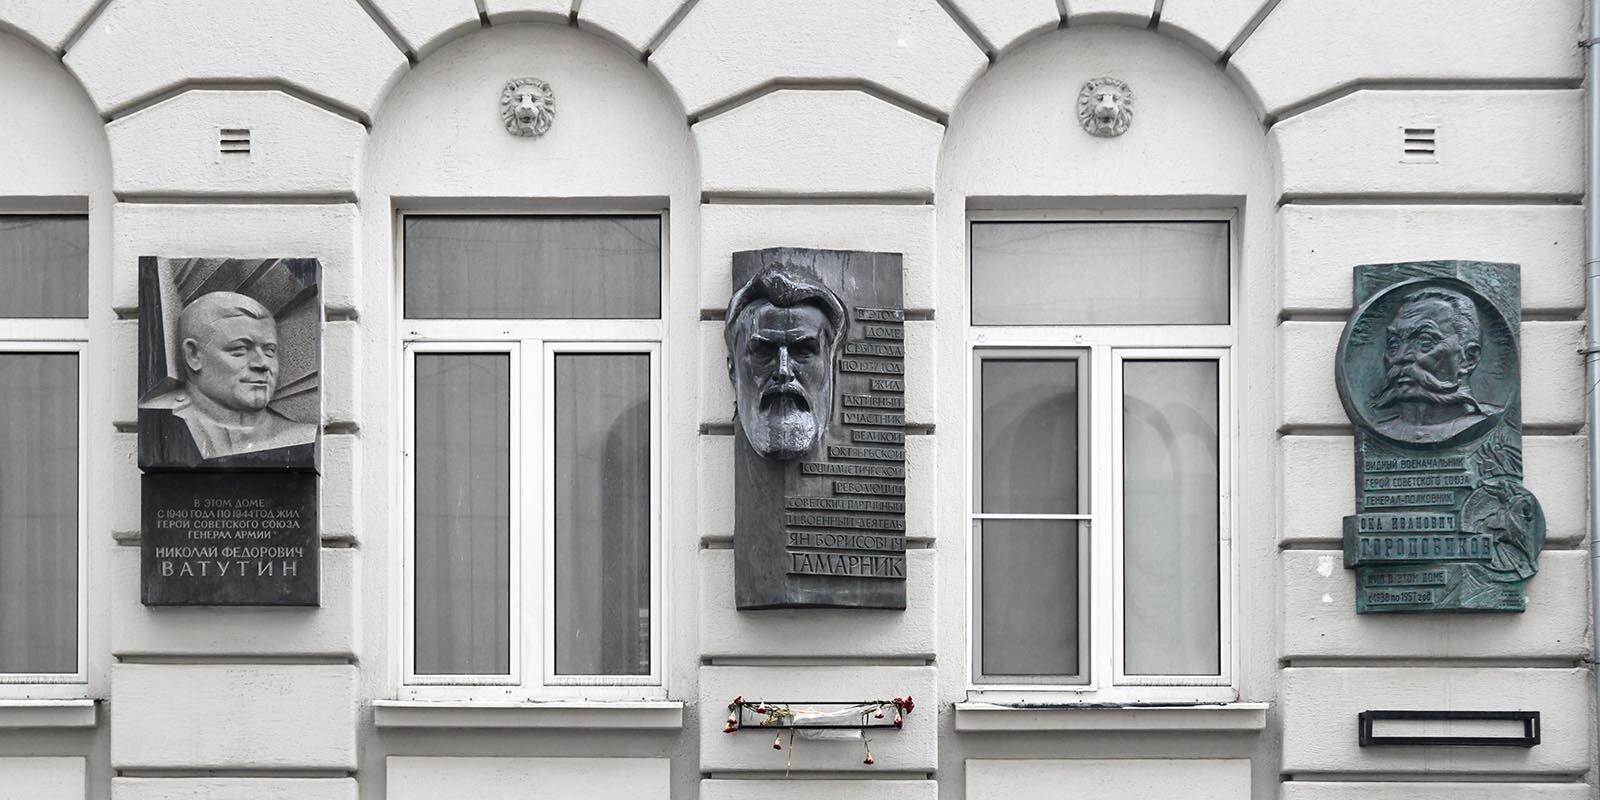 Фасад дома военных в Большом Ржевском переулке отремонтируют